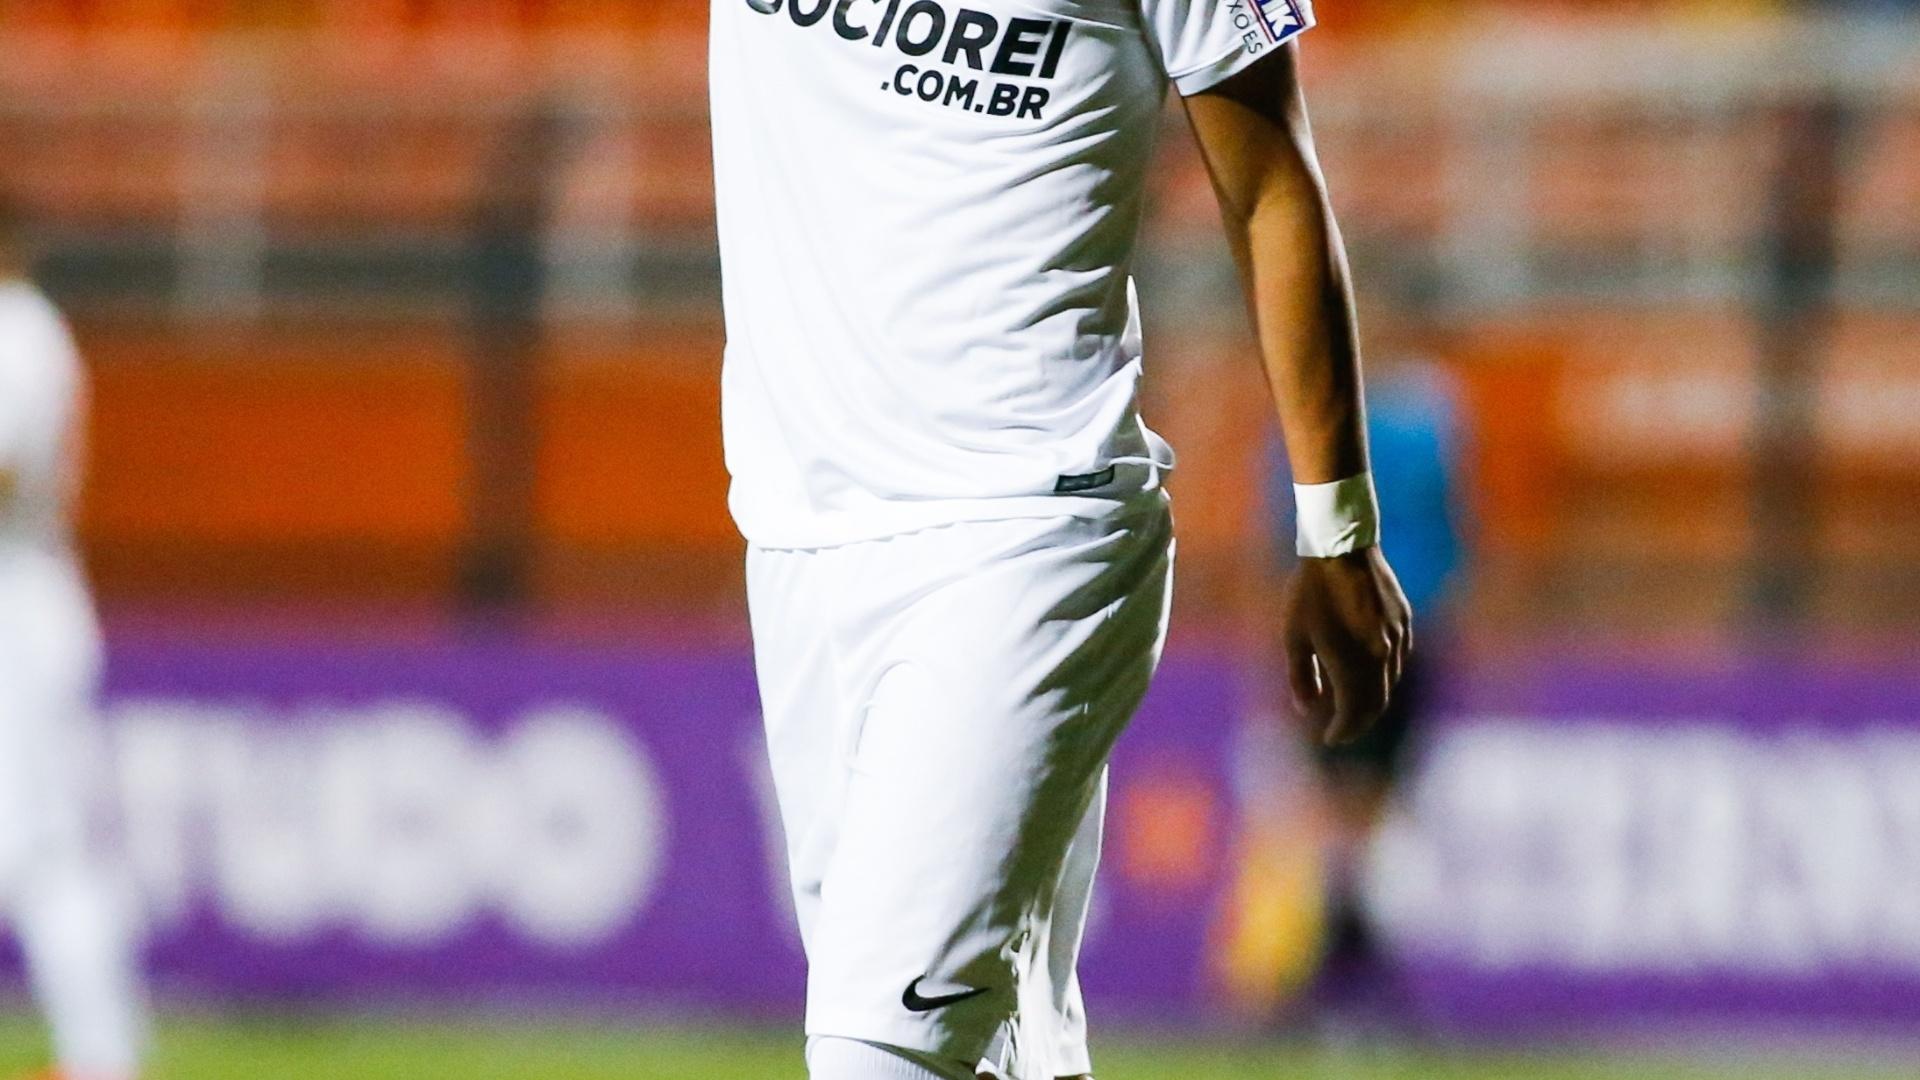 Gabriel lamenta chance desperdiçada pelo Santos na partida contra o Vitória pelo Brasileirão